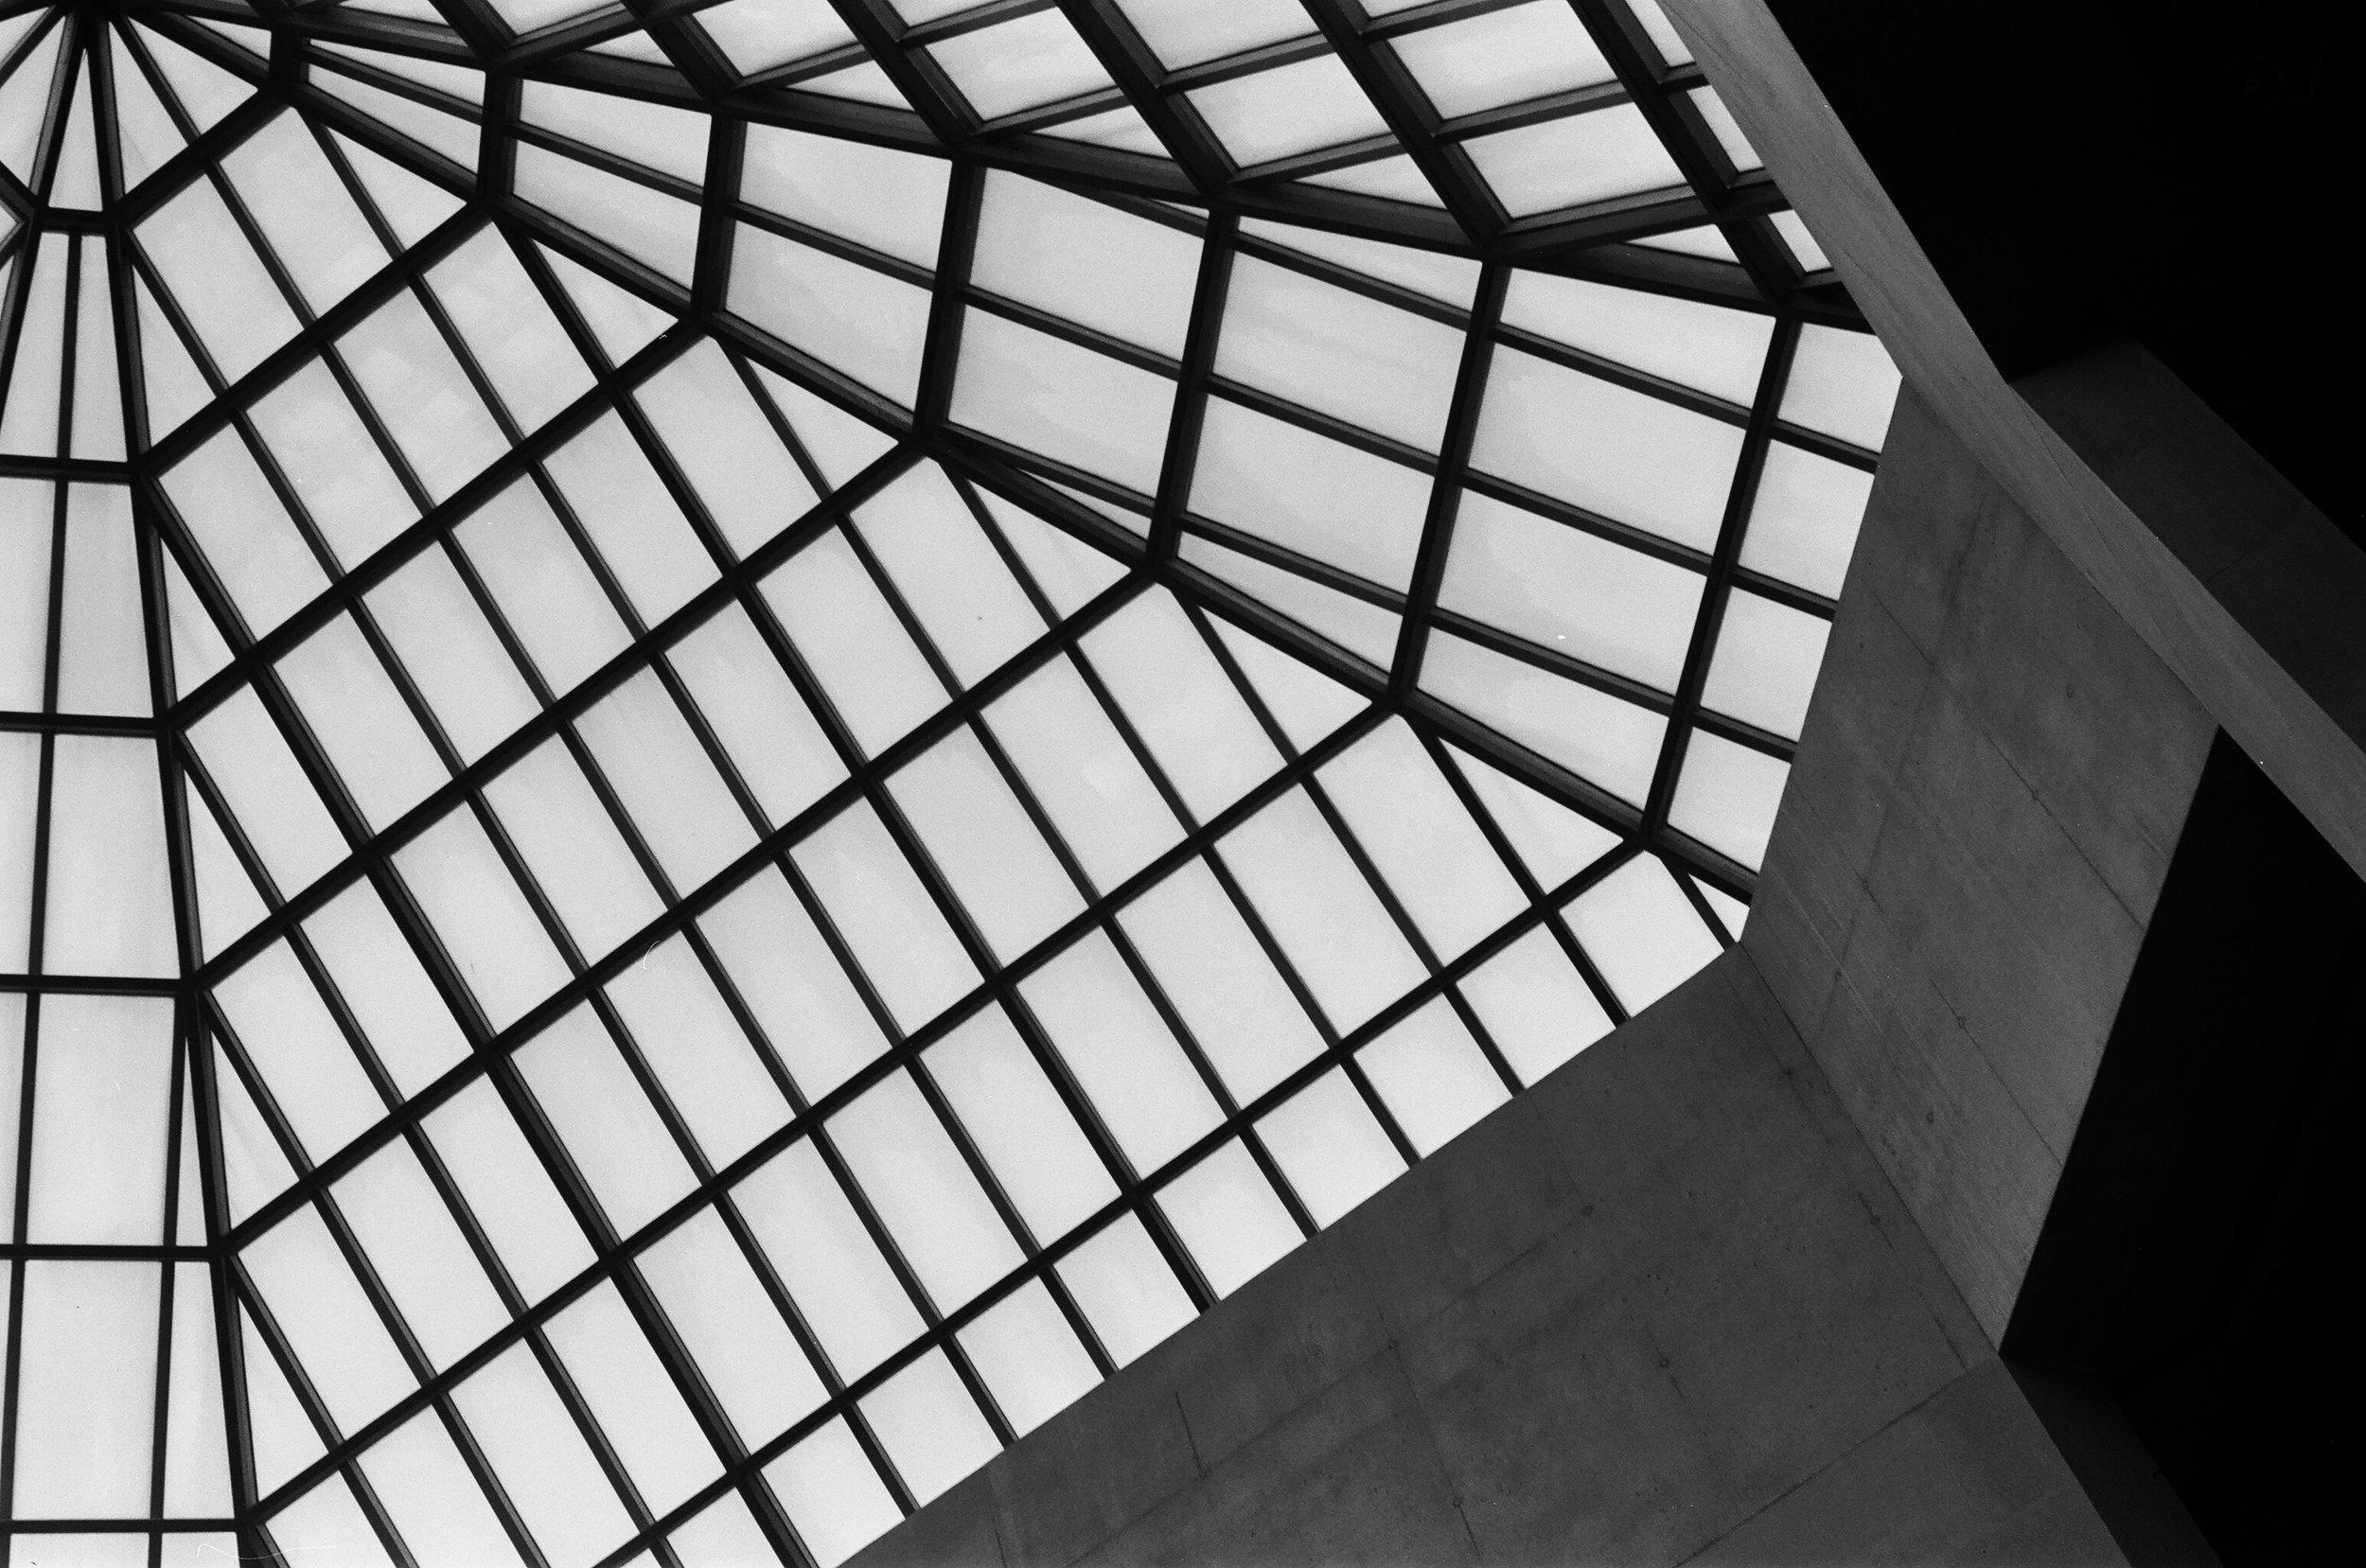 Lehman Wing @ the Met